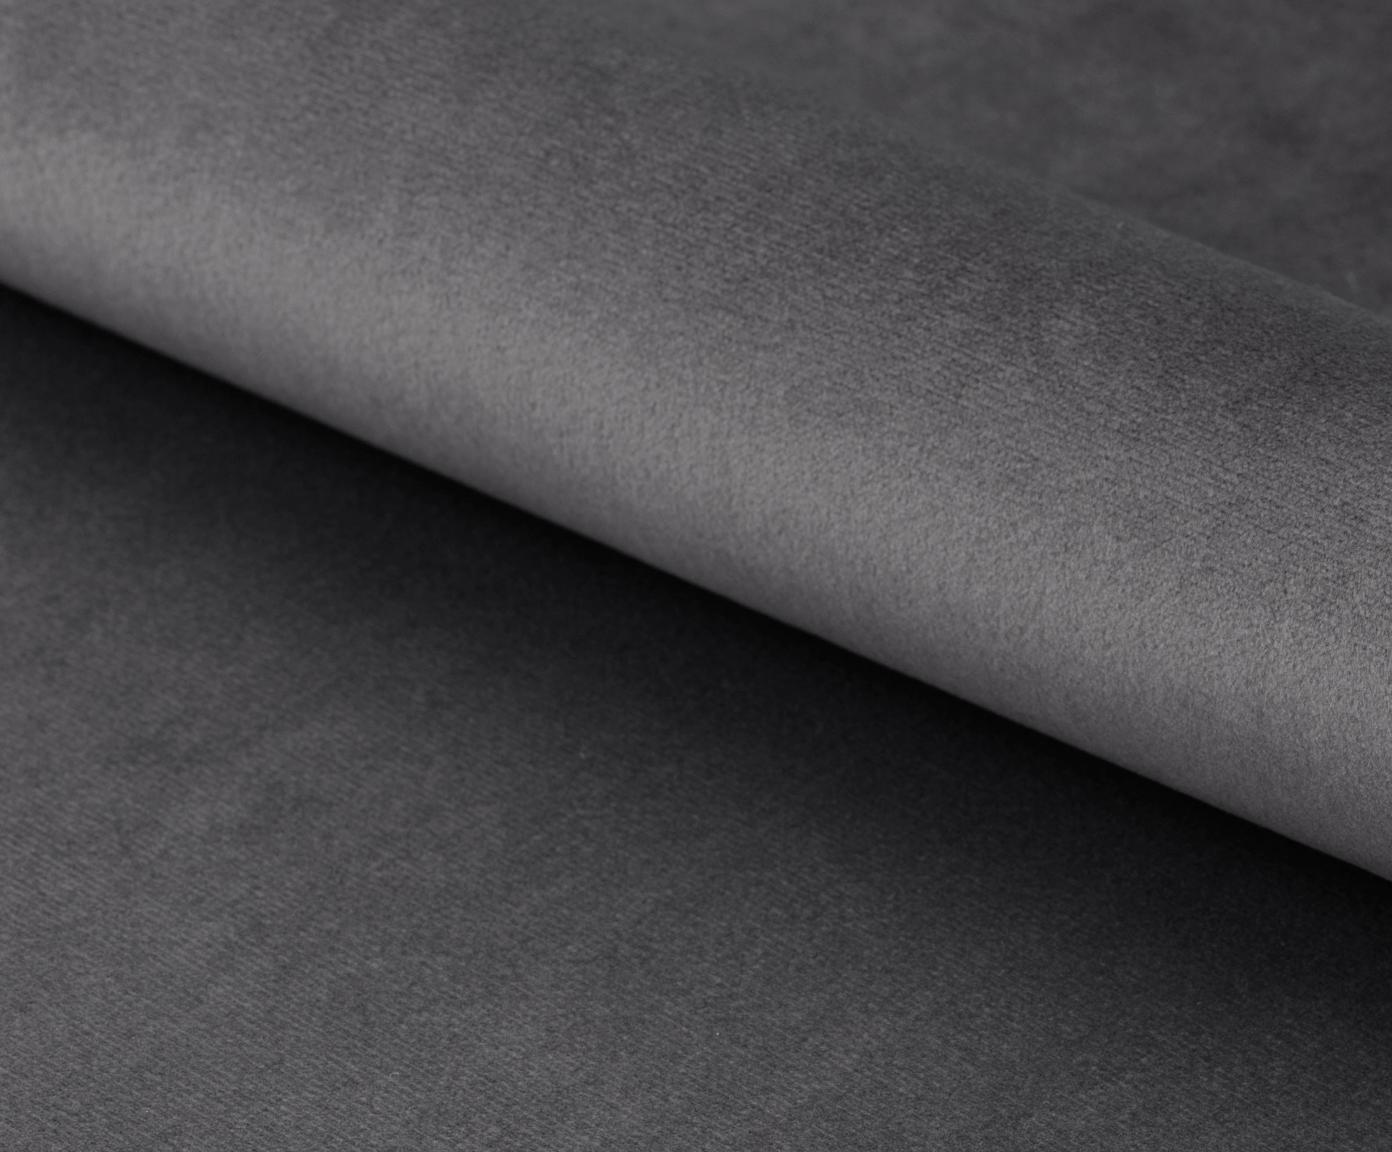 Poltrona da cocktail in velluto Center, Rivestimento: velluto di poliestere 25., Struttura: metallo verniciato a polv, Velluto grigio scuro, Larg. 82 x Prof. 71 cm